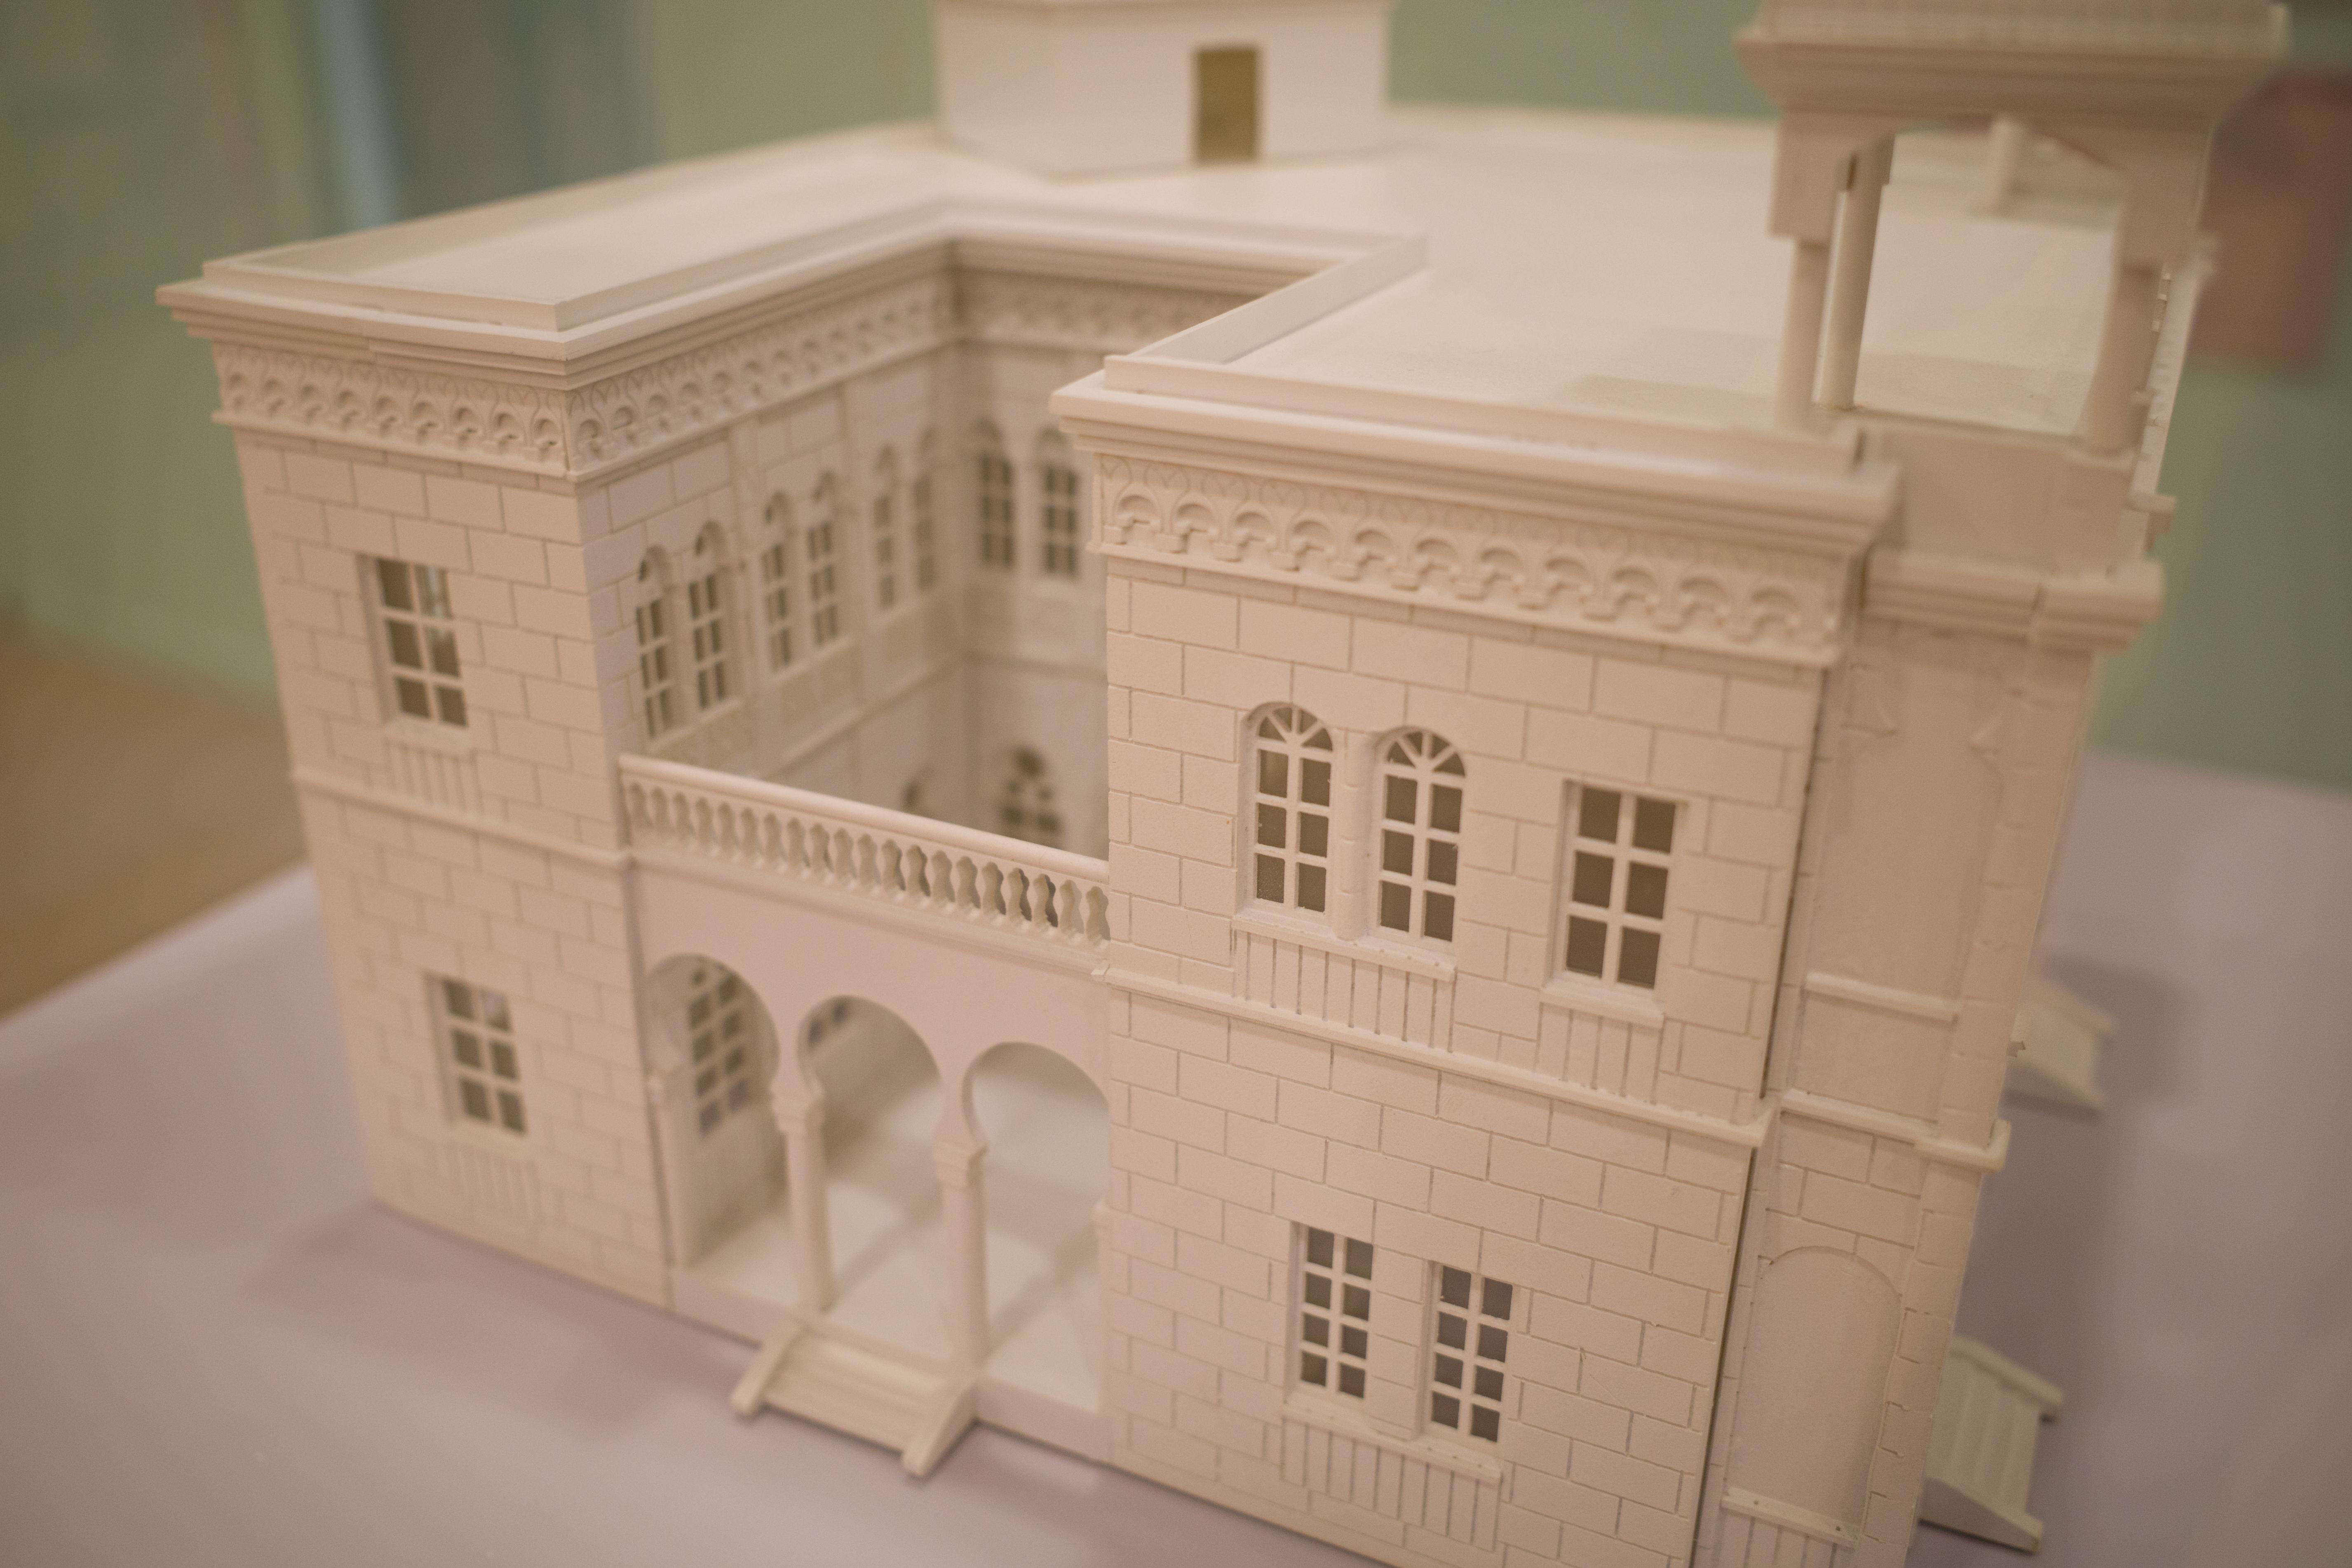 雷玛氏避暑公馆(1924)建筑模型 ,现址为多伦路250号。